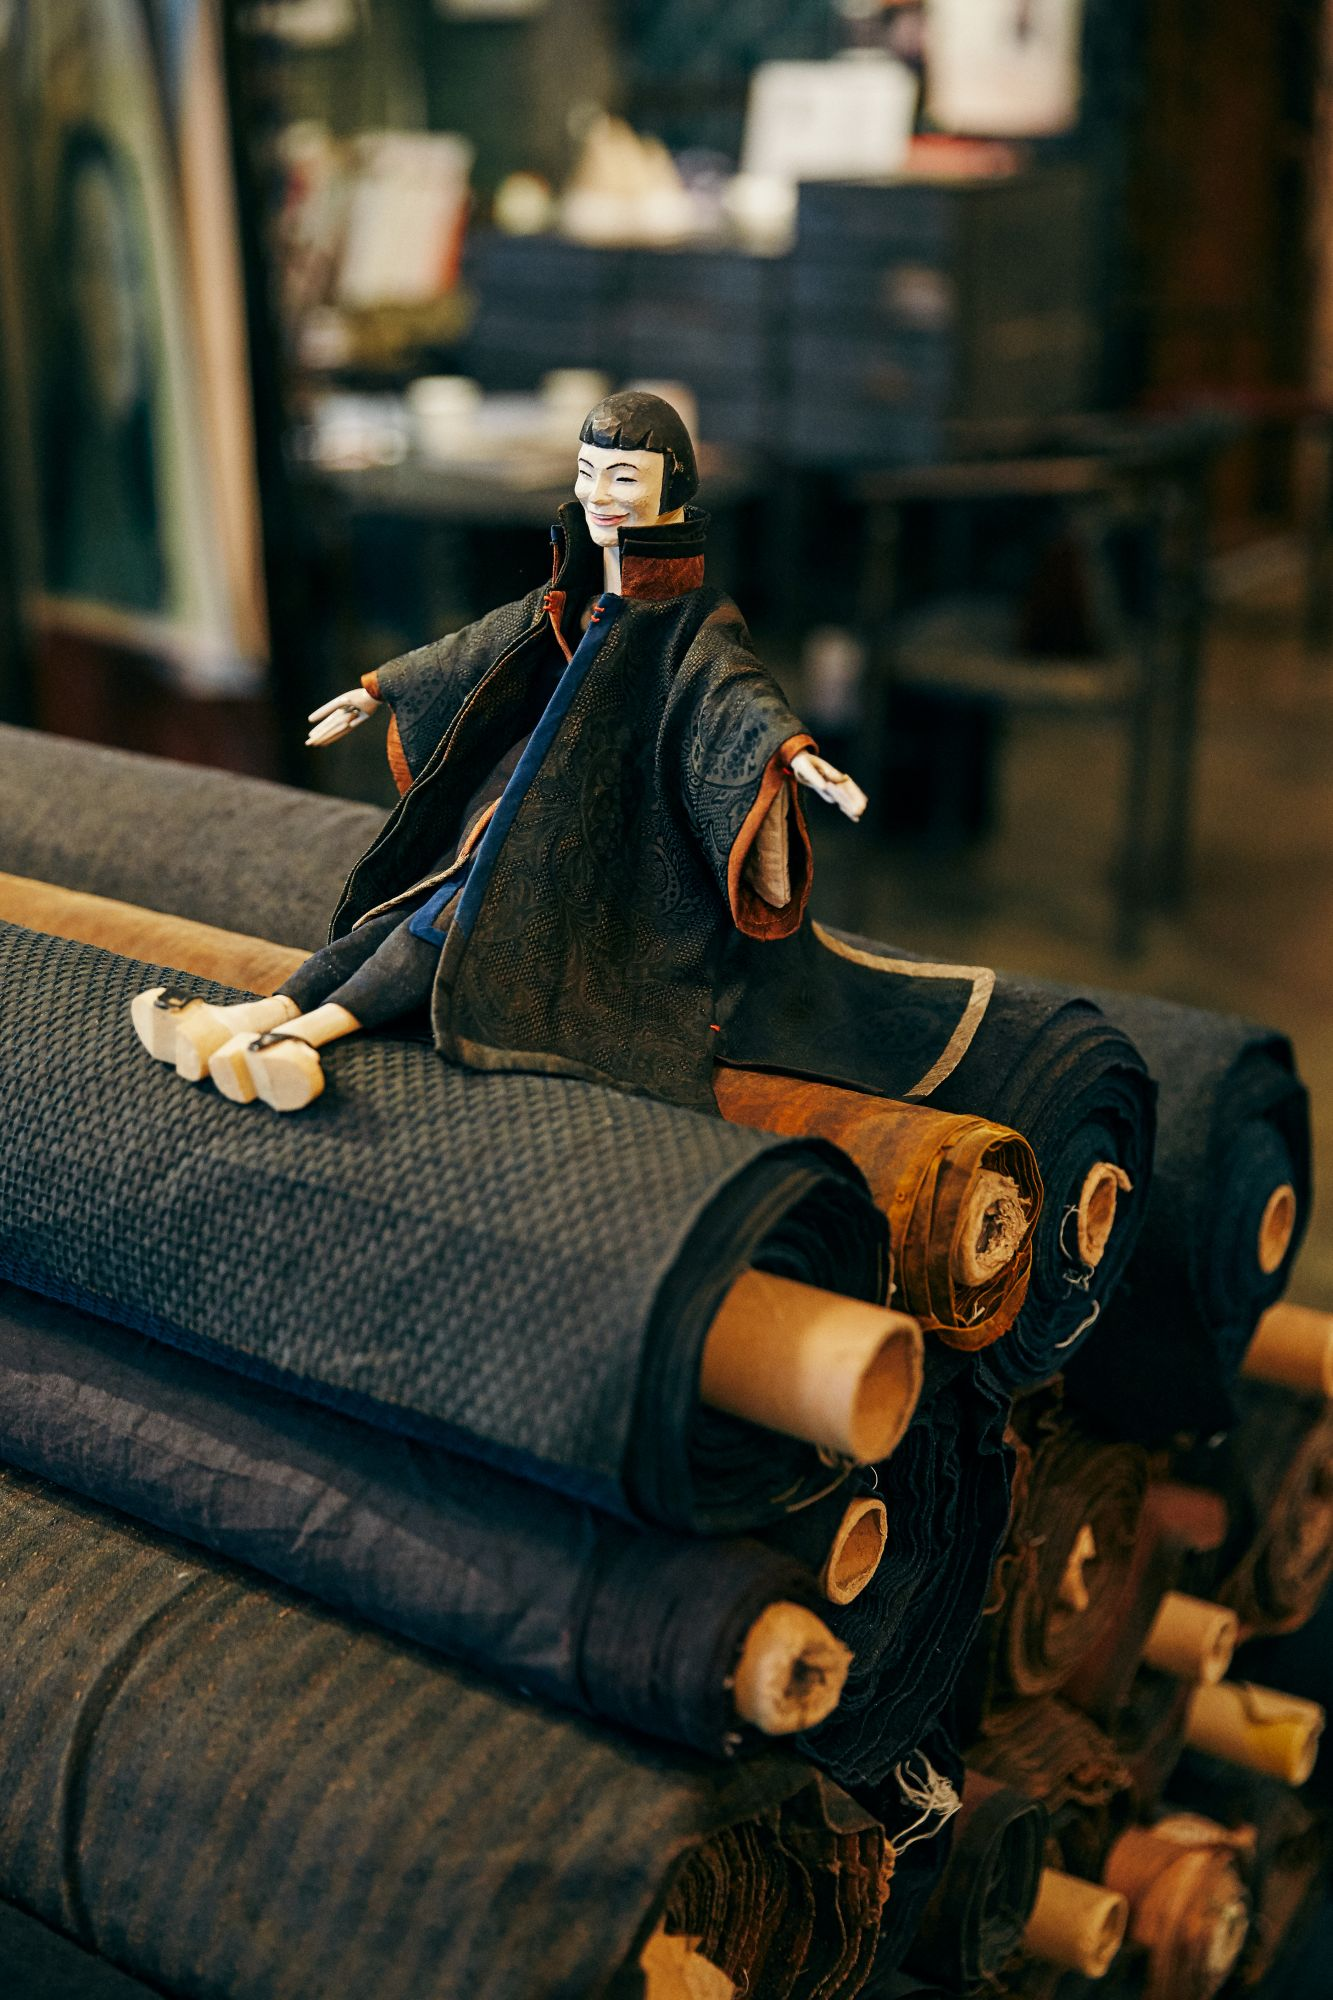 設計師洪麗芬創作的珍貴布料「洪絲 HONG Silk」,和以她本人為靈感所打造、身穿自家品牌服裝的人偶。